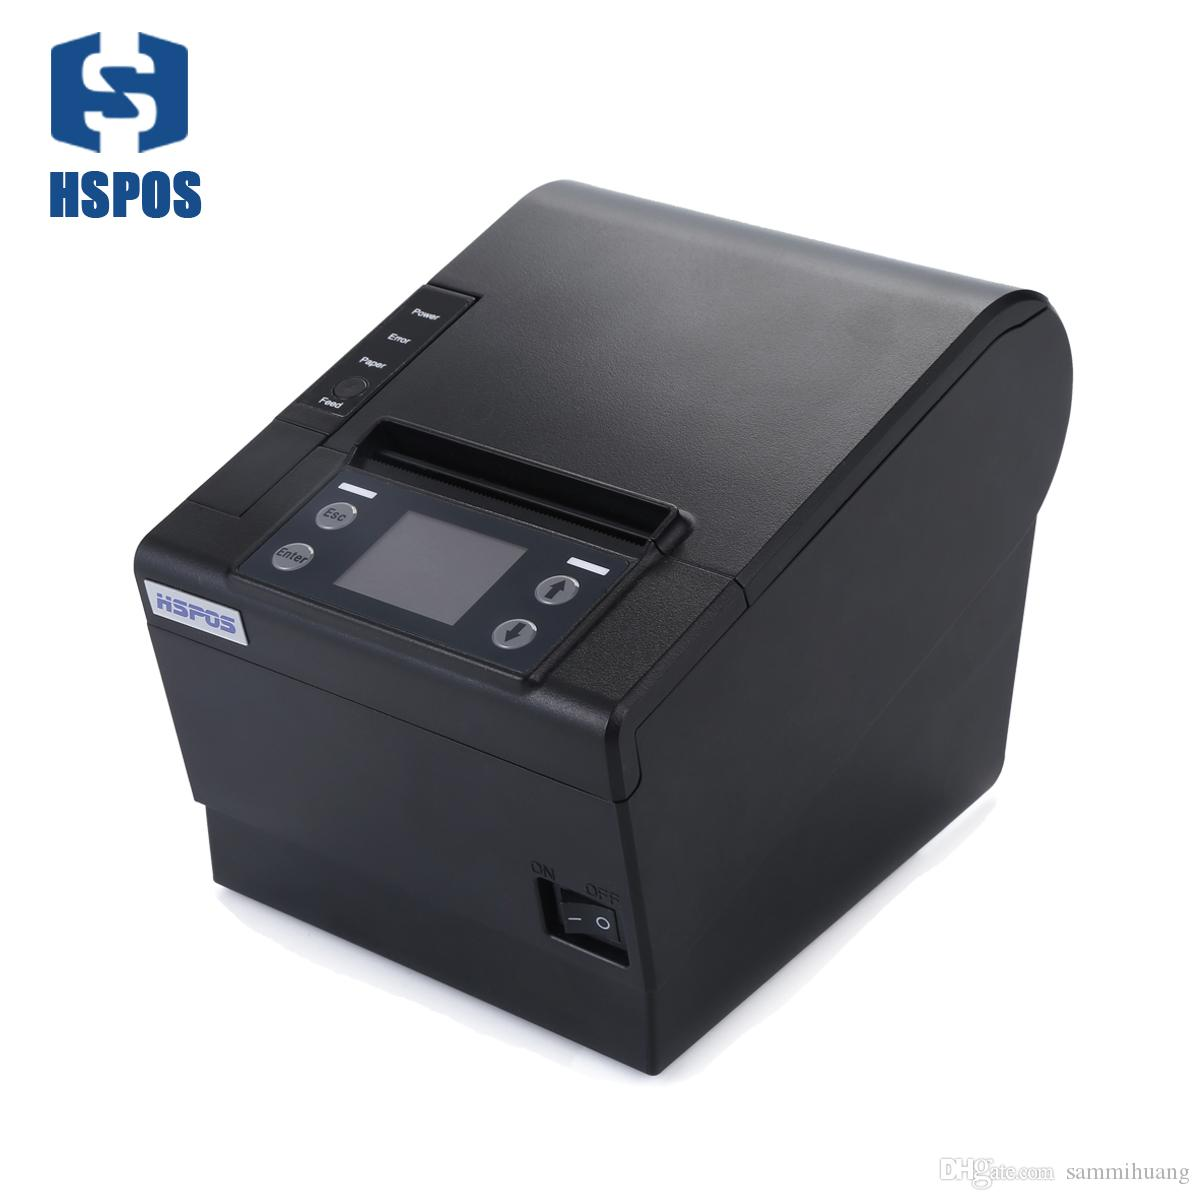 Hspos 80MM استلام الطابعة الحرارية دعم 4G LTE واي فاي لان لمطعم طلب الشراء عبر الإنترنت الطابعة HS-C830ULWG